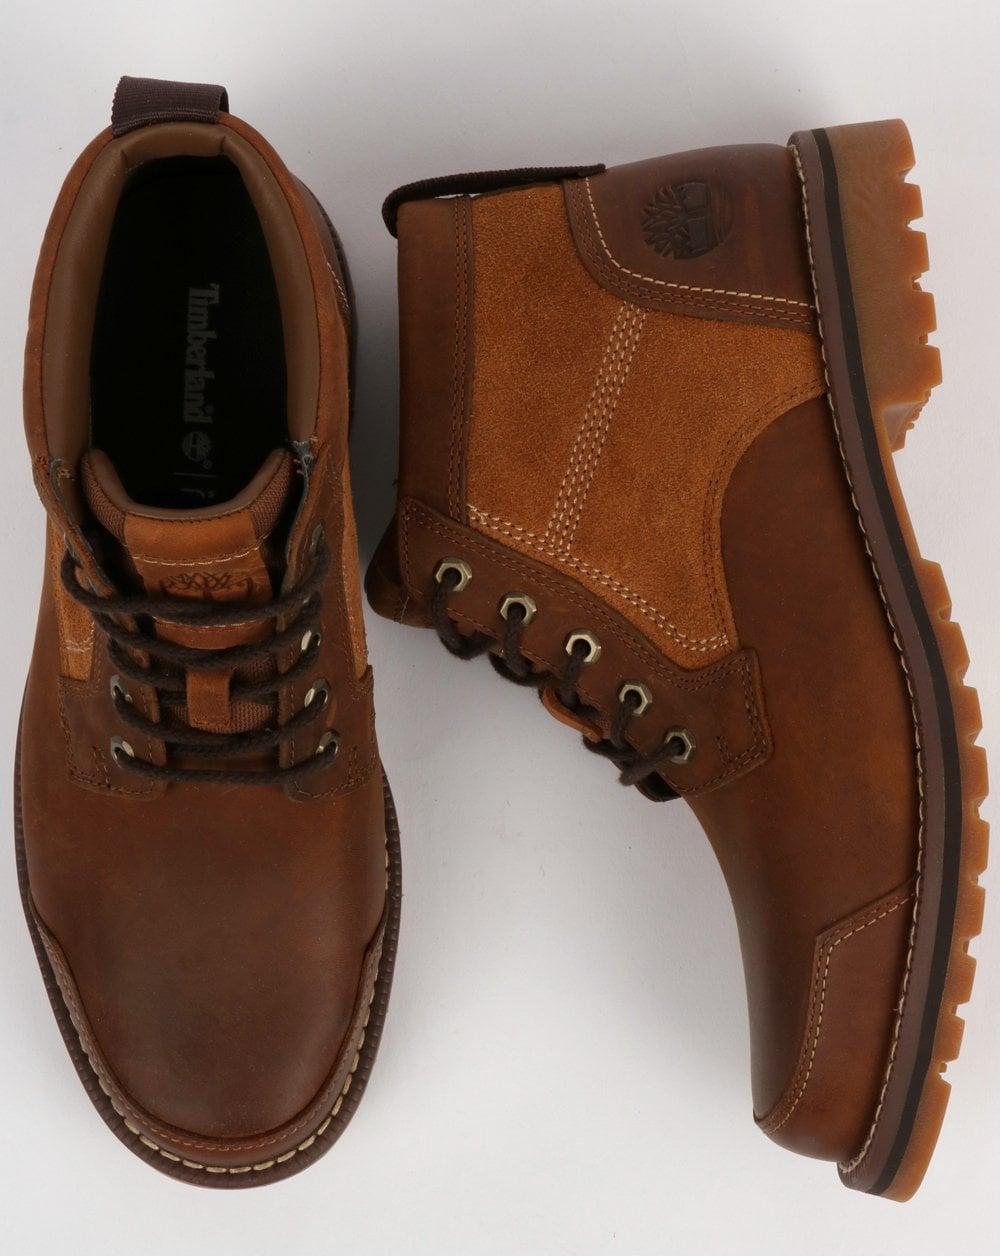 Timberland Larchmont Chukka Boots Oakwood